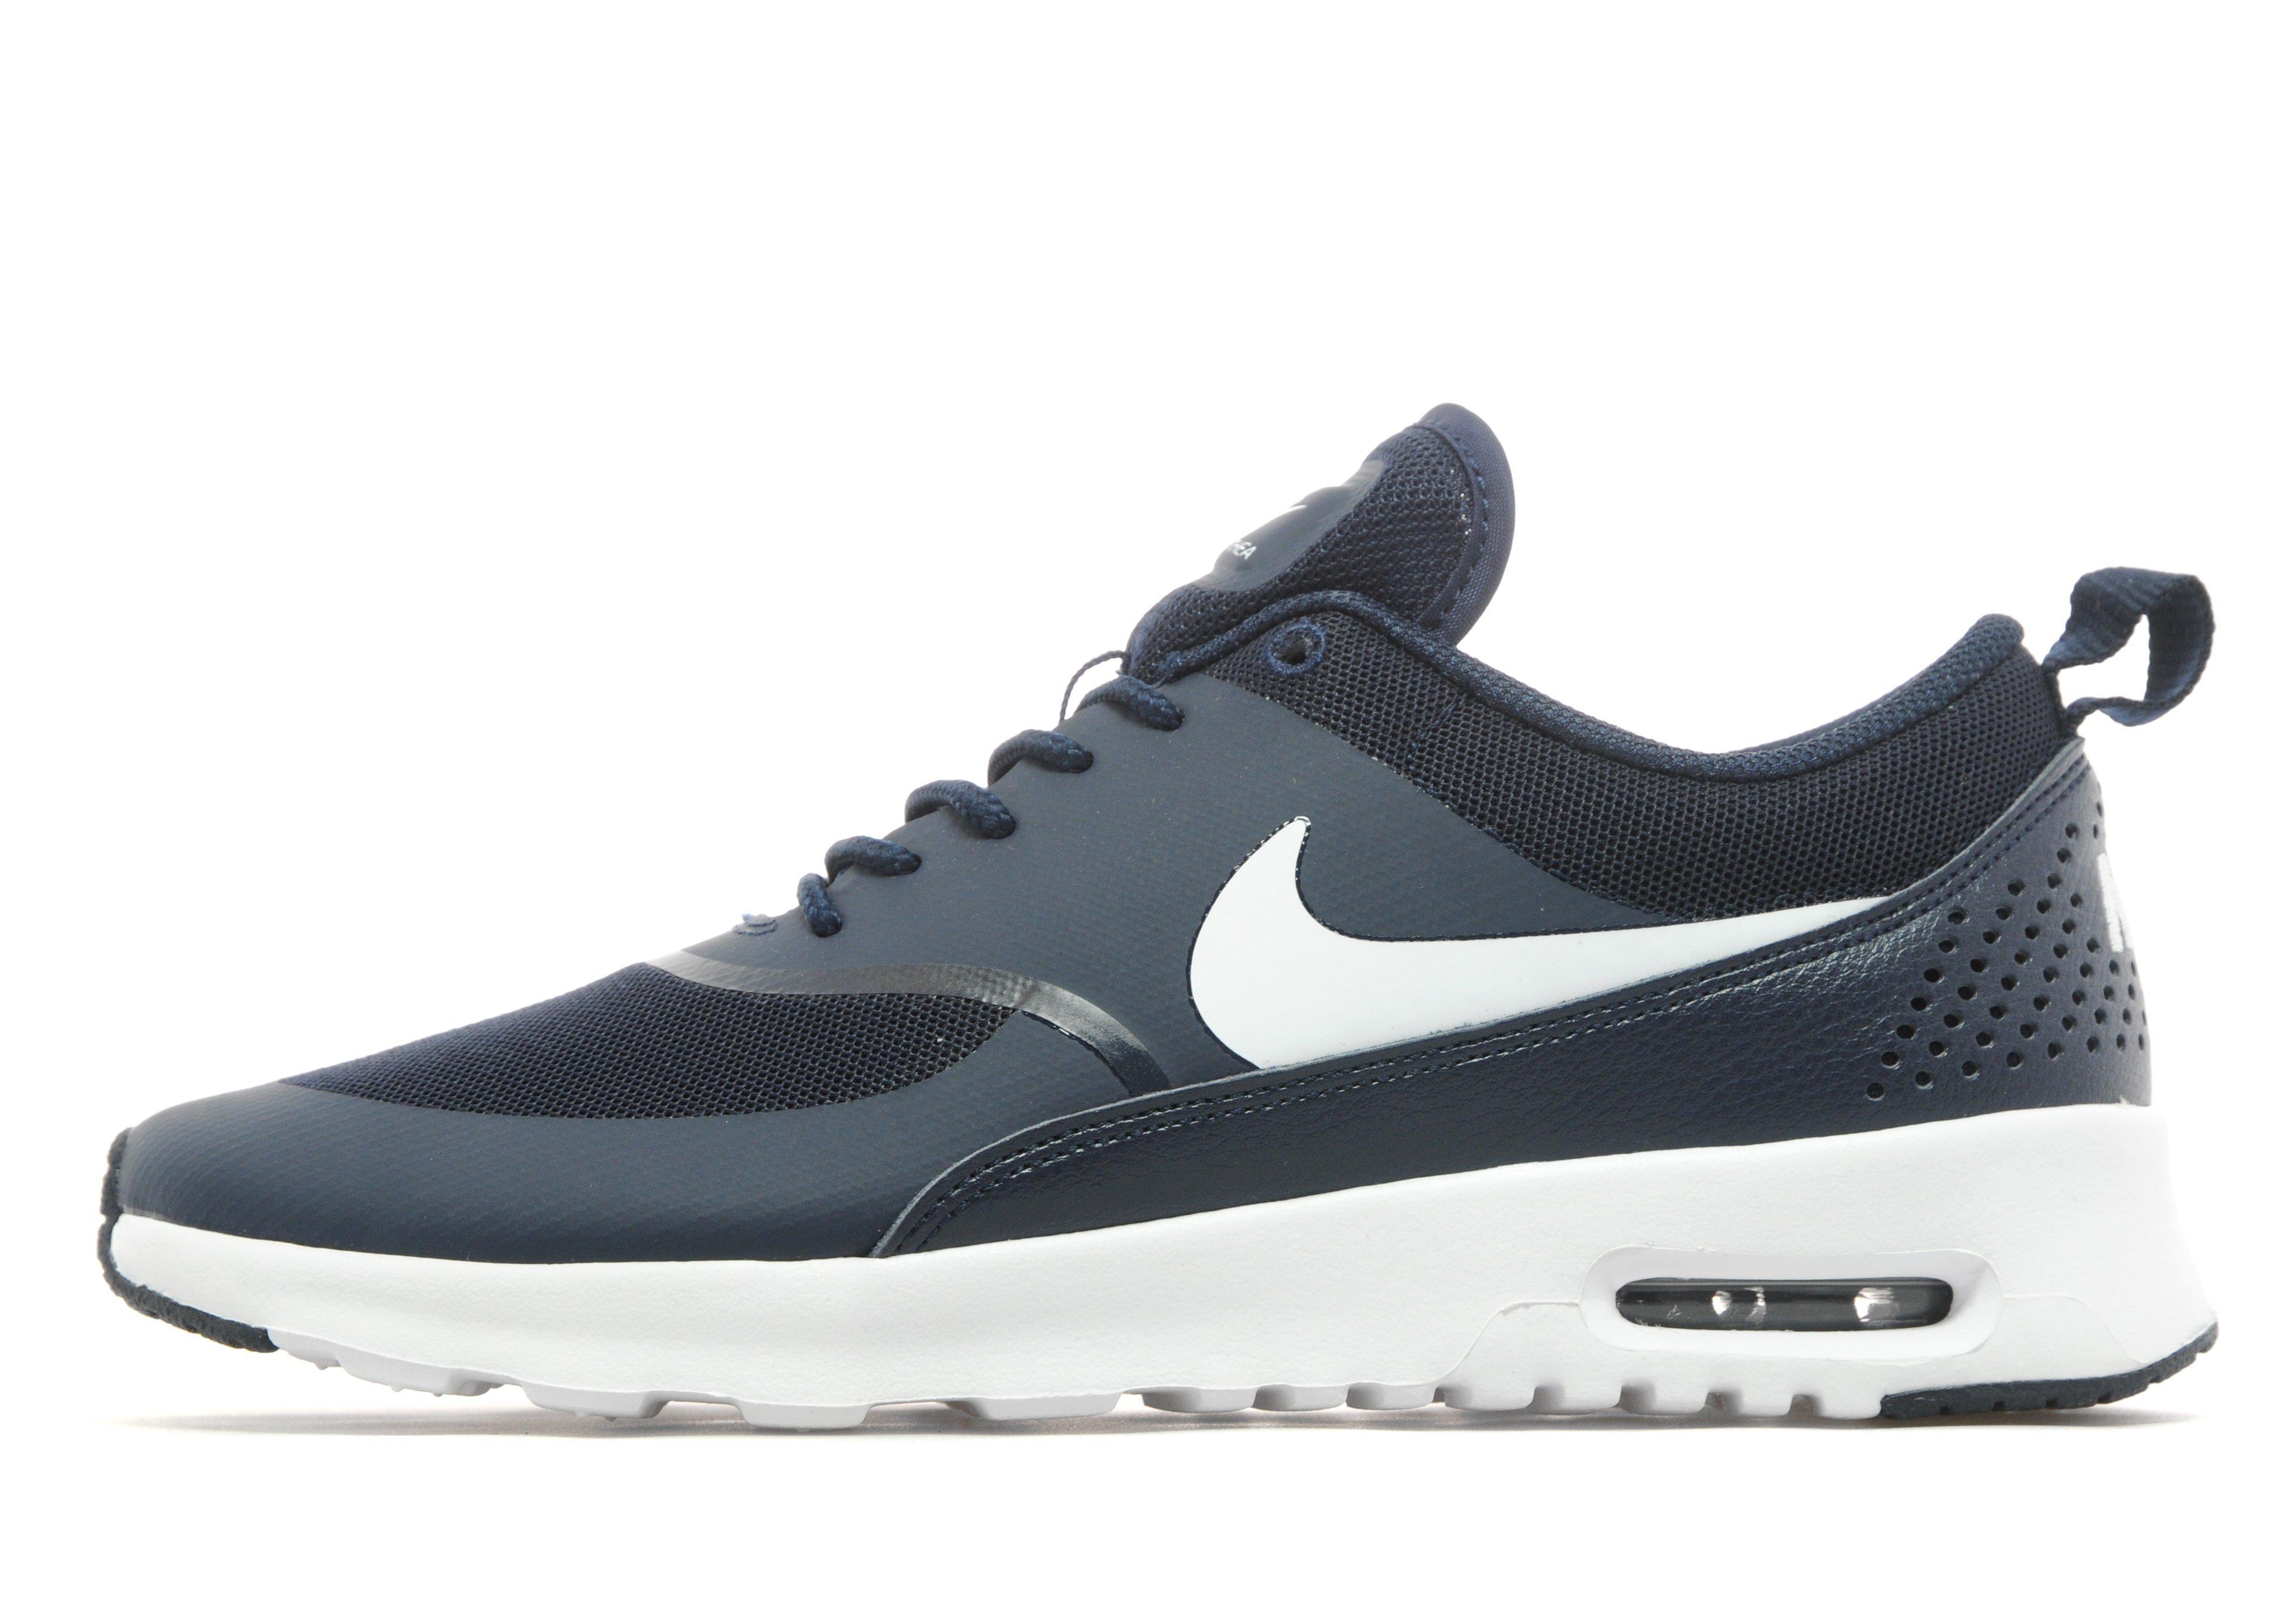 Nike Air Max 2016 Jd